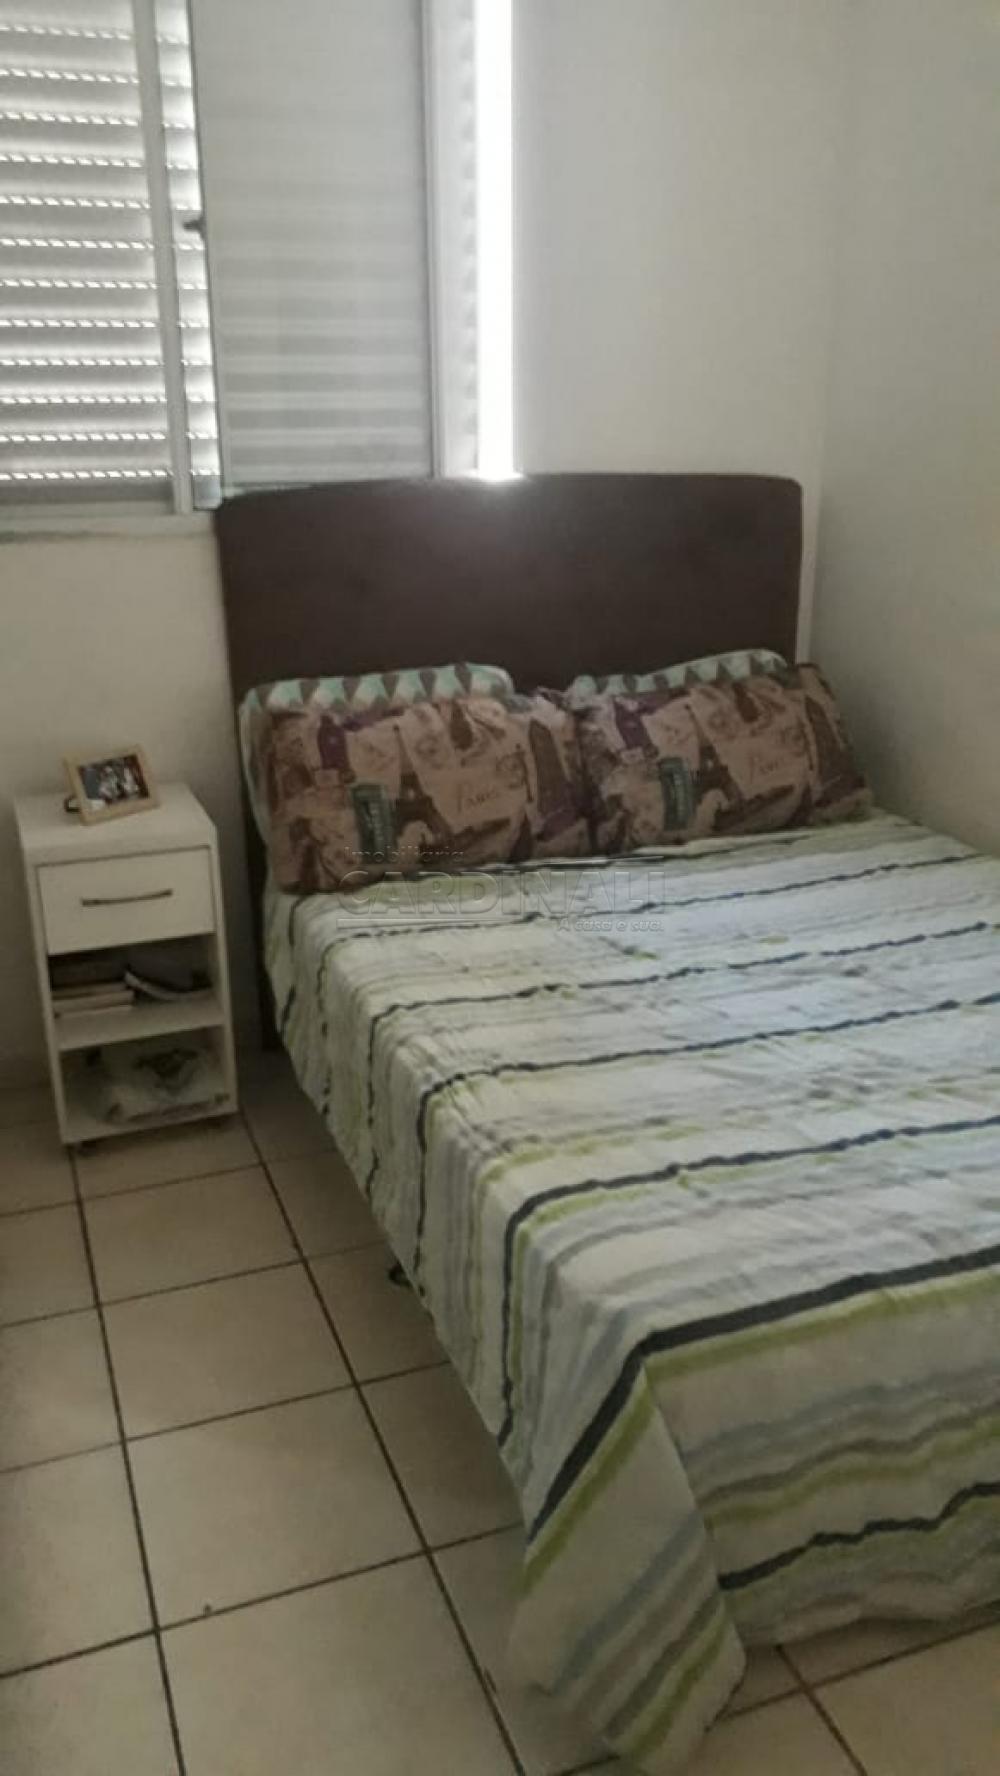 Comprar Apartamento / Padrão em Araraquara R$ 170.000,00 - Foto 7